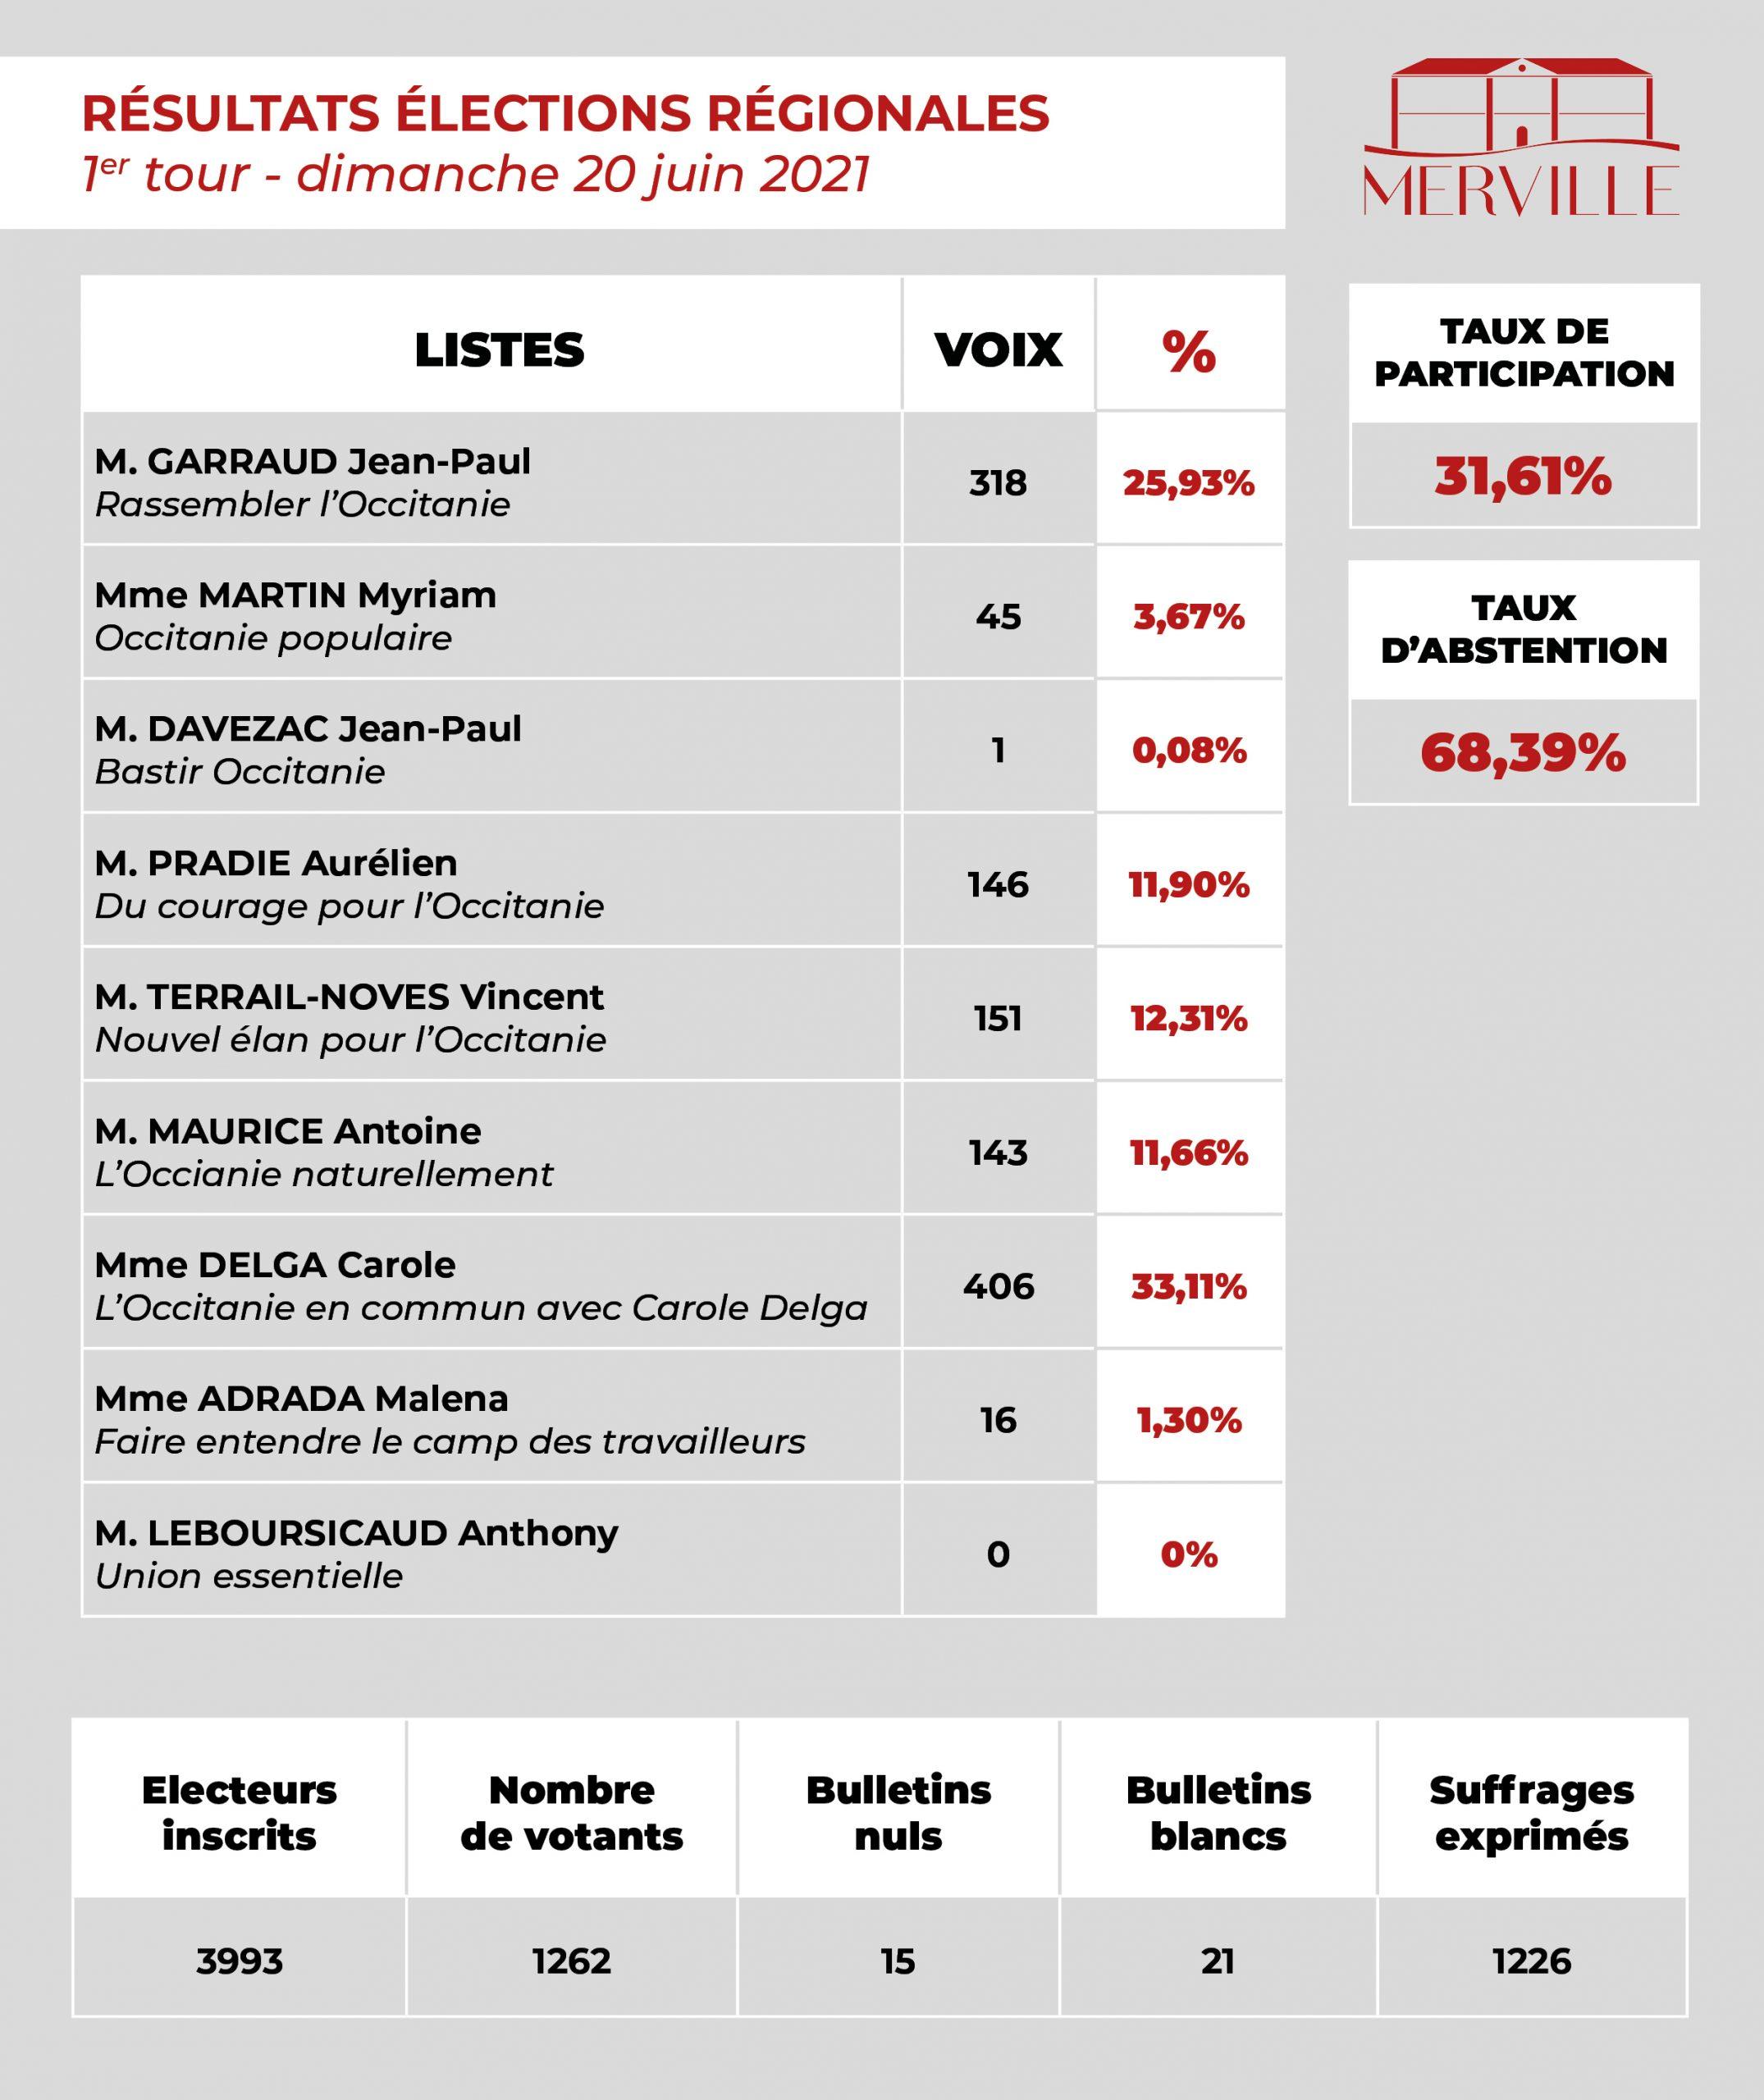 Résultats du 1er tour des élections régionales 2021 sur Merville. Madame Carole Delga est en tête avec 33,11% des voix. Monsieur Aurélien Pradie a obtenu 11,9% des voix. Monsieur Garraud Jean-Paul a obtenu 25,93% des voix, Madame Martin Myriam a obtenu 3,67% des voix, Monsieur Davezac Jean-Paul a obtenu 0,08% des voix, Monsieur Terrail-Noves Vincent a obtenu 12,31% des voix, Monsieur Maurice Antoine a obtenu 11,66% des voix, Madame Abrada Malena a obtenu 1,3% des voix et Monsieur Leboursicaud Anthony a otebnu 0% des voix. Taux de participation : 31,61%, taux d'abstention : 68,39%.